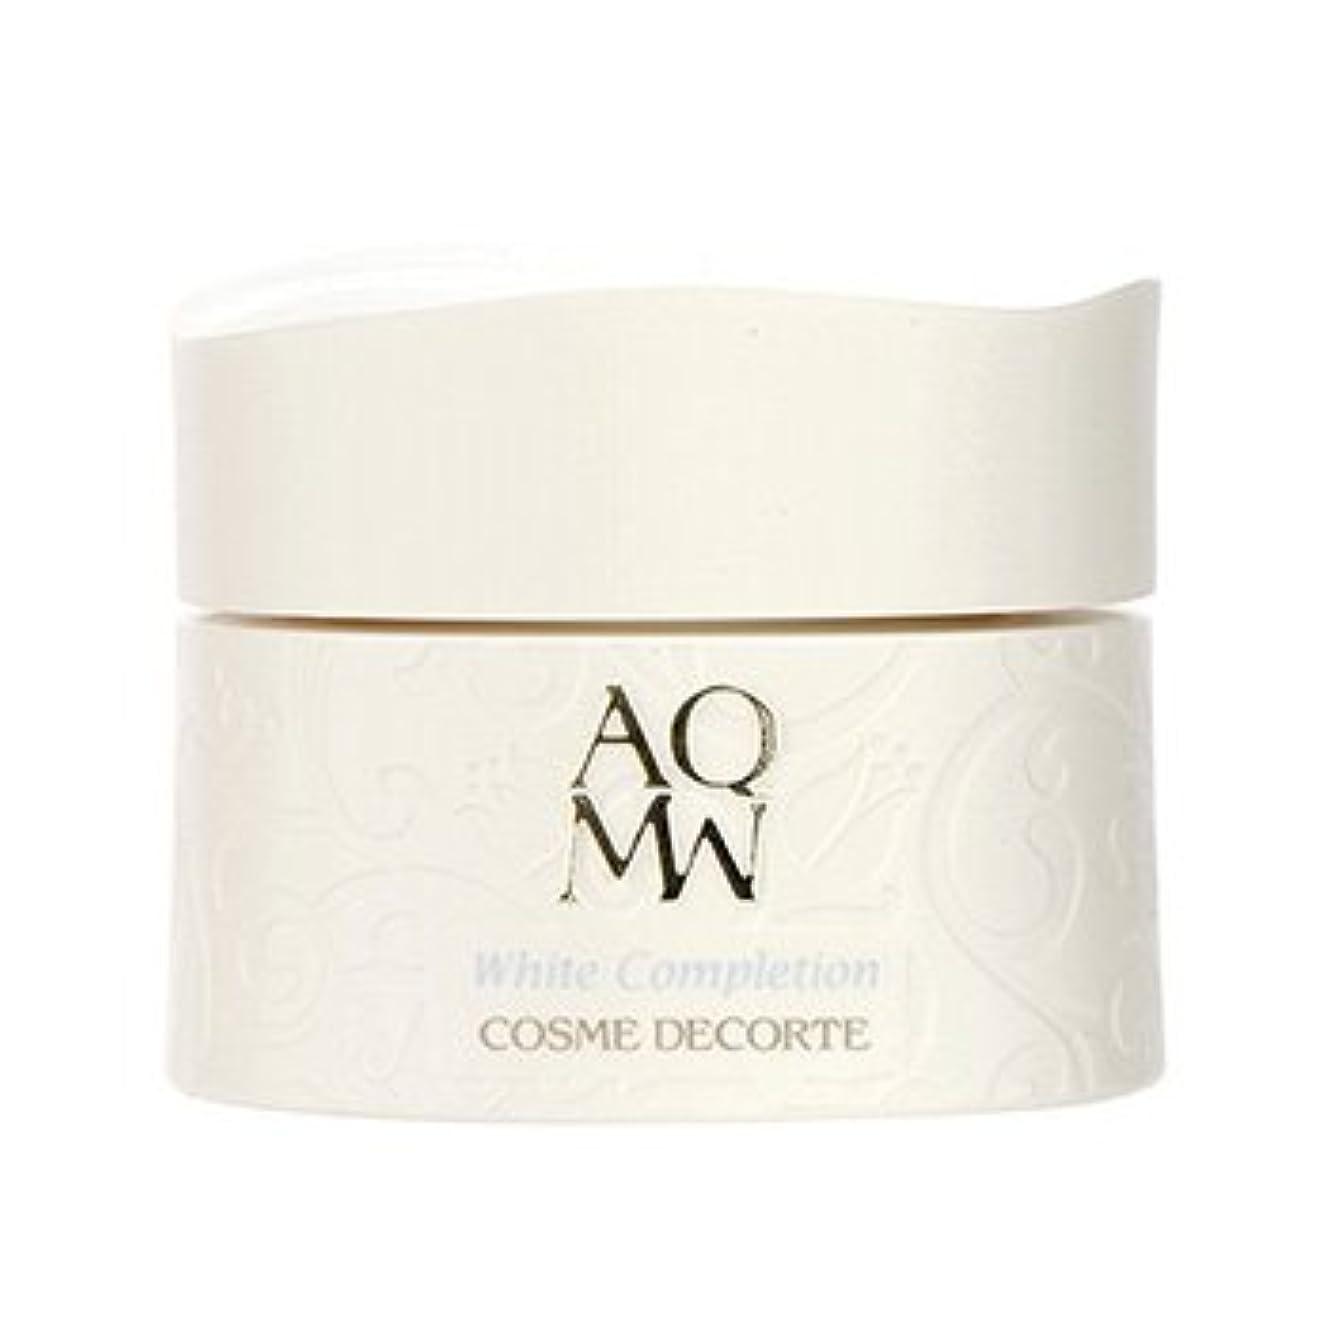 リール冷えるサイズコスメデコルテ AQ MW ホワイトコンプリーション 25g